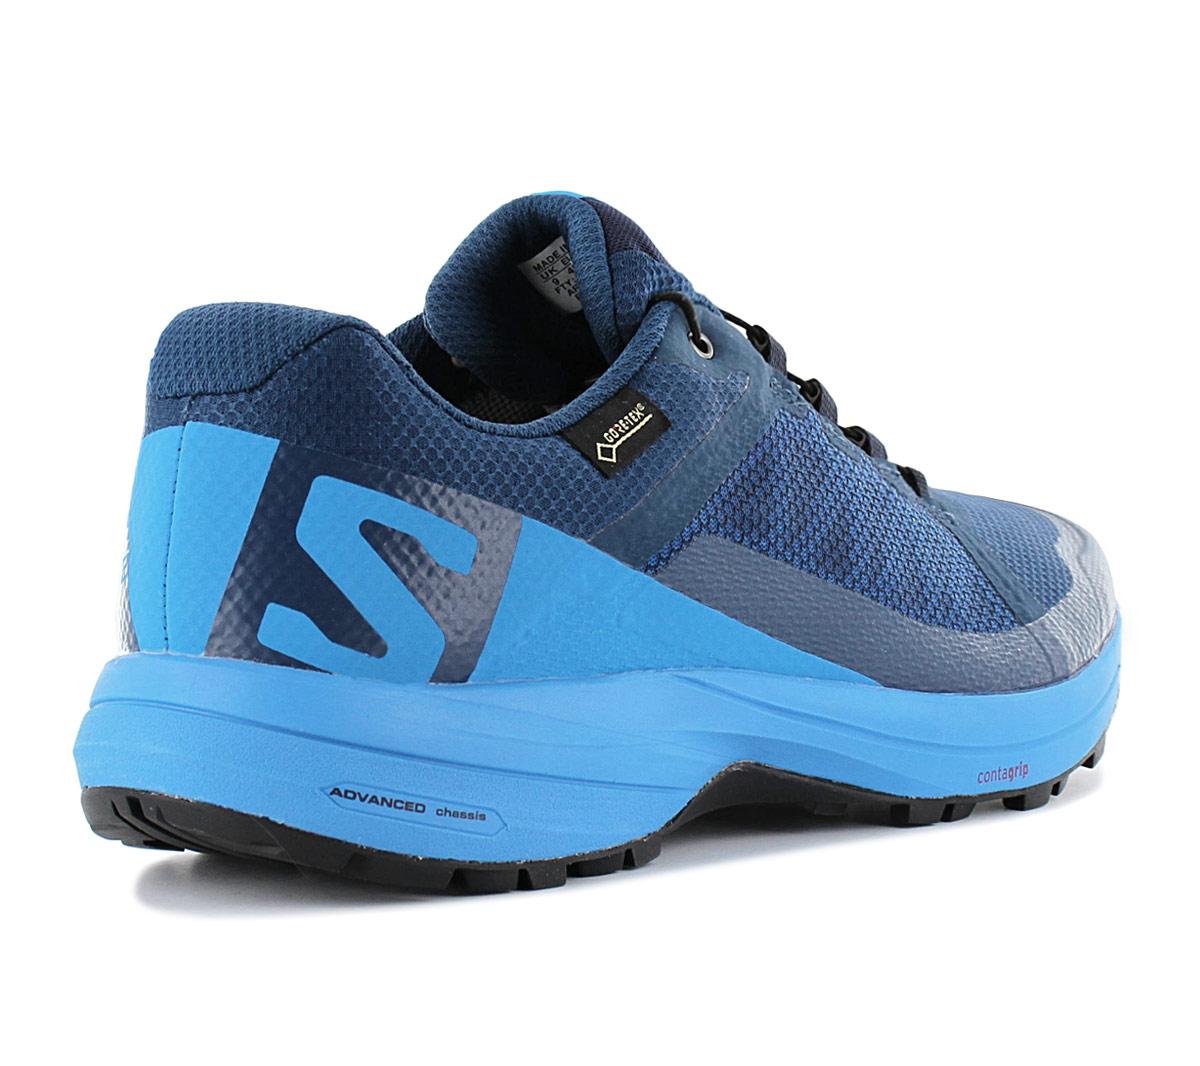 Salomon XA Elevate GTX Gore-Tex 406116 Herren Trail Running Schuhe Wanderschuhe